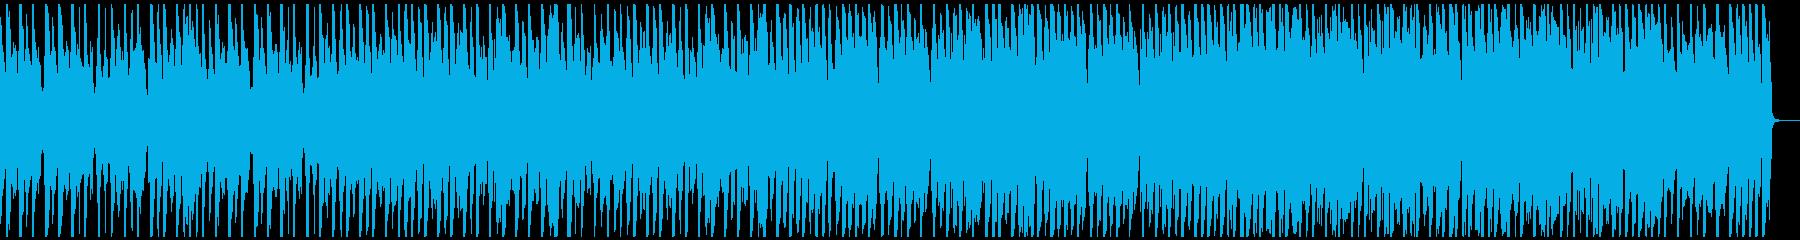 ジングルベル ゆったり南国風 ドラム抜きの再生済みの波形